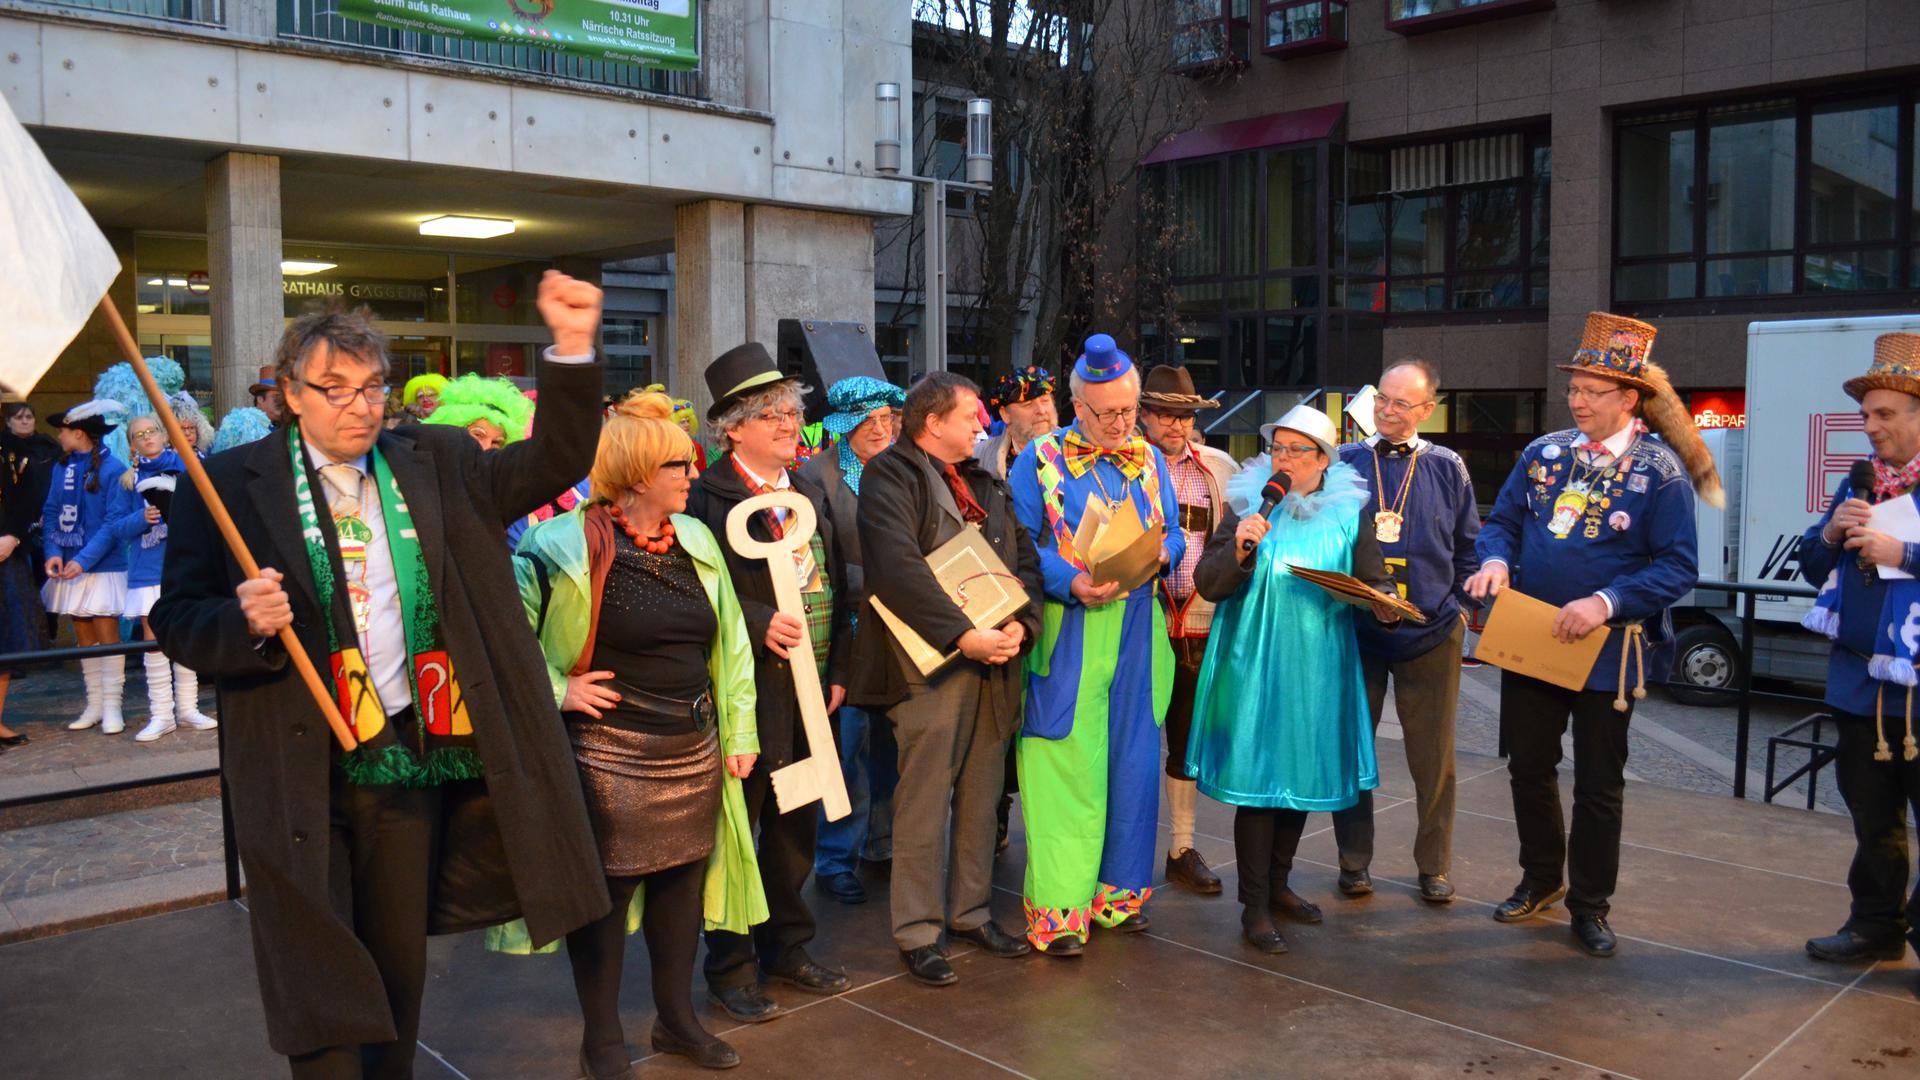 Entmachtung der Rathausspitze in Gaggenau 2017, OB Christof Florus, GroKaGe, vor dem Rathaus Gaggenau